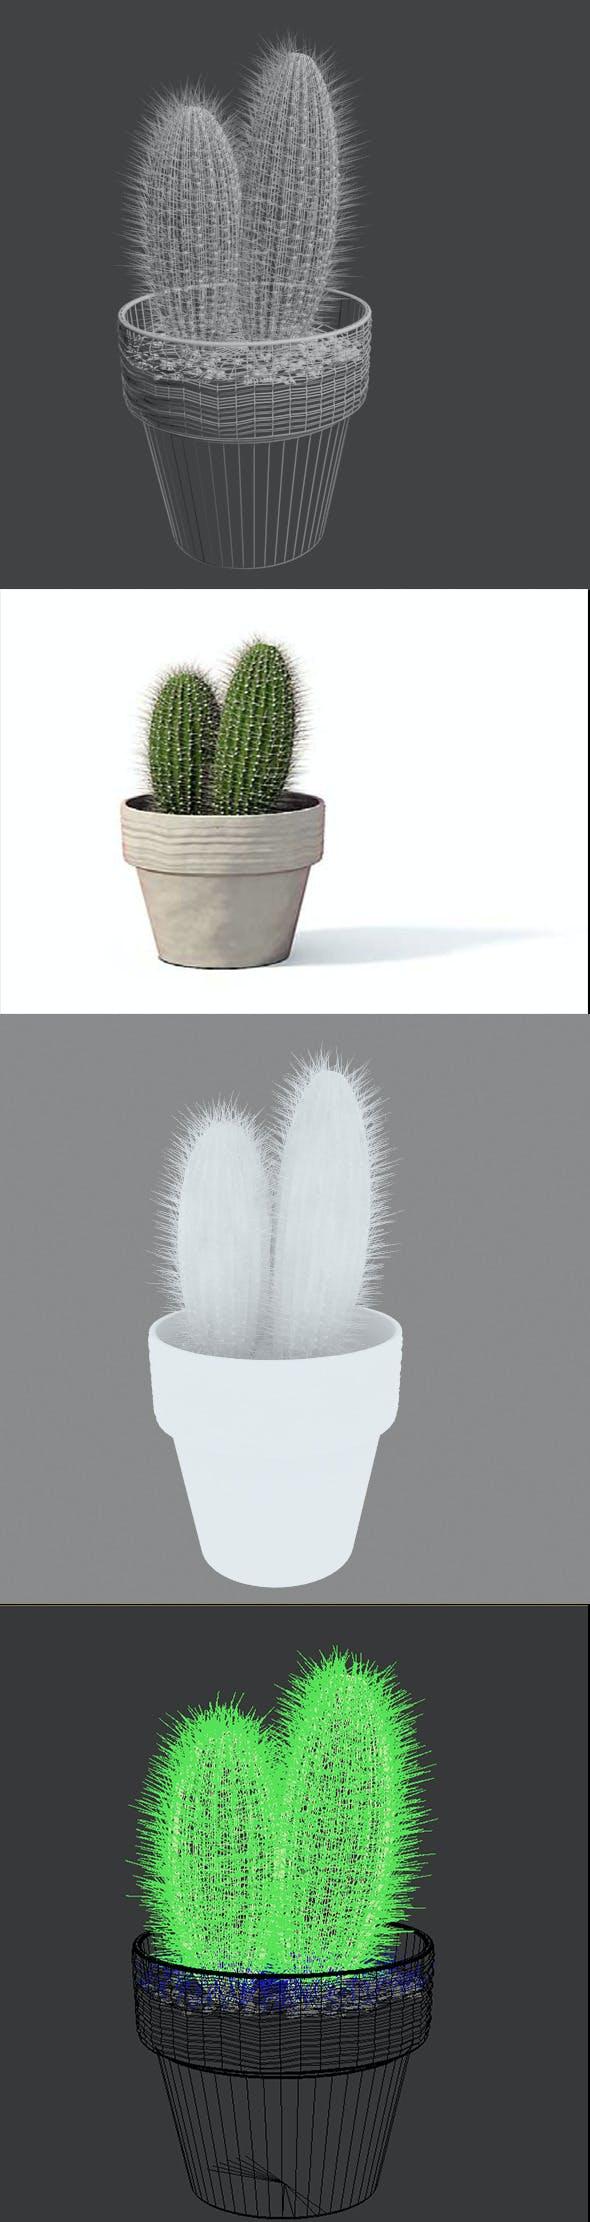 3D Cactus pot plant model - 3DOcean Item for Sale